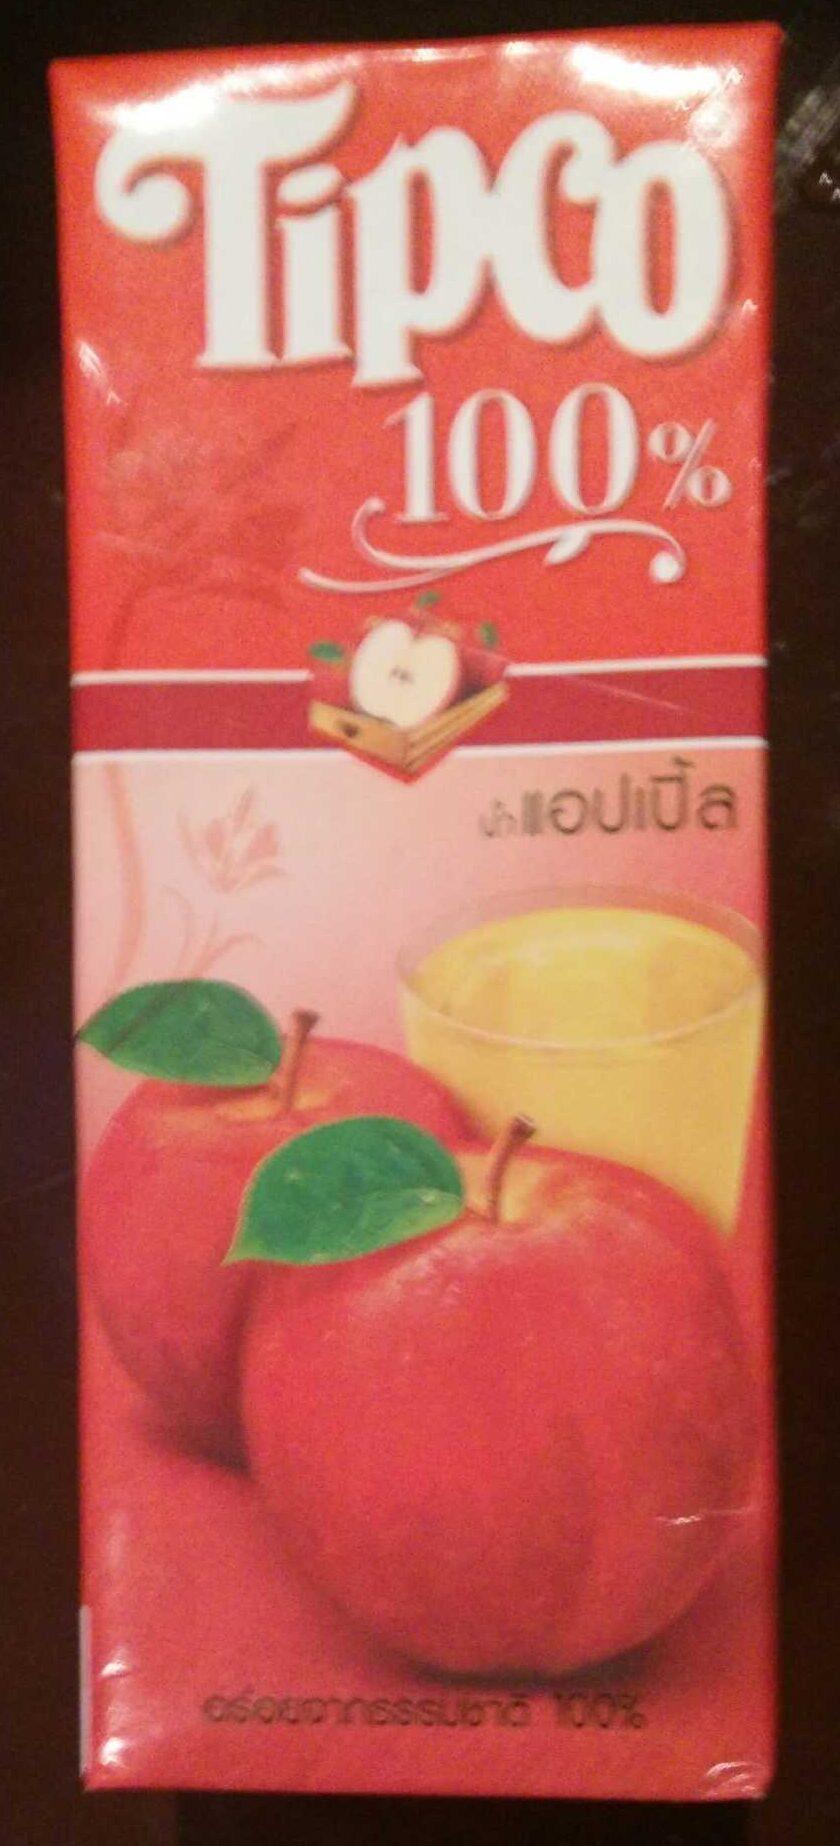 น้ำแอปเปิ้ล 100% ตราทิปโก้ - Produit - th